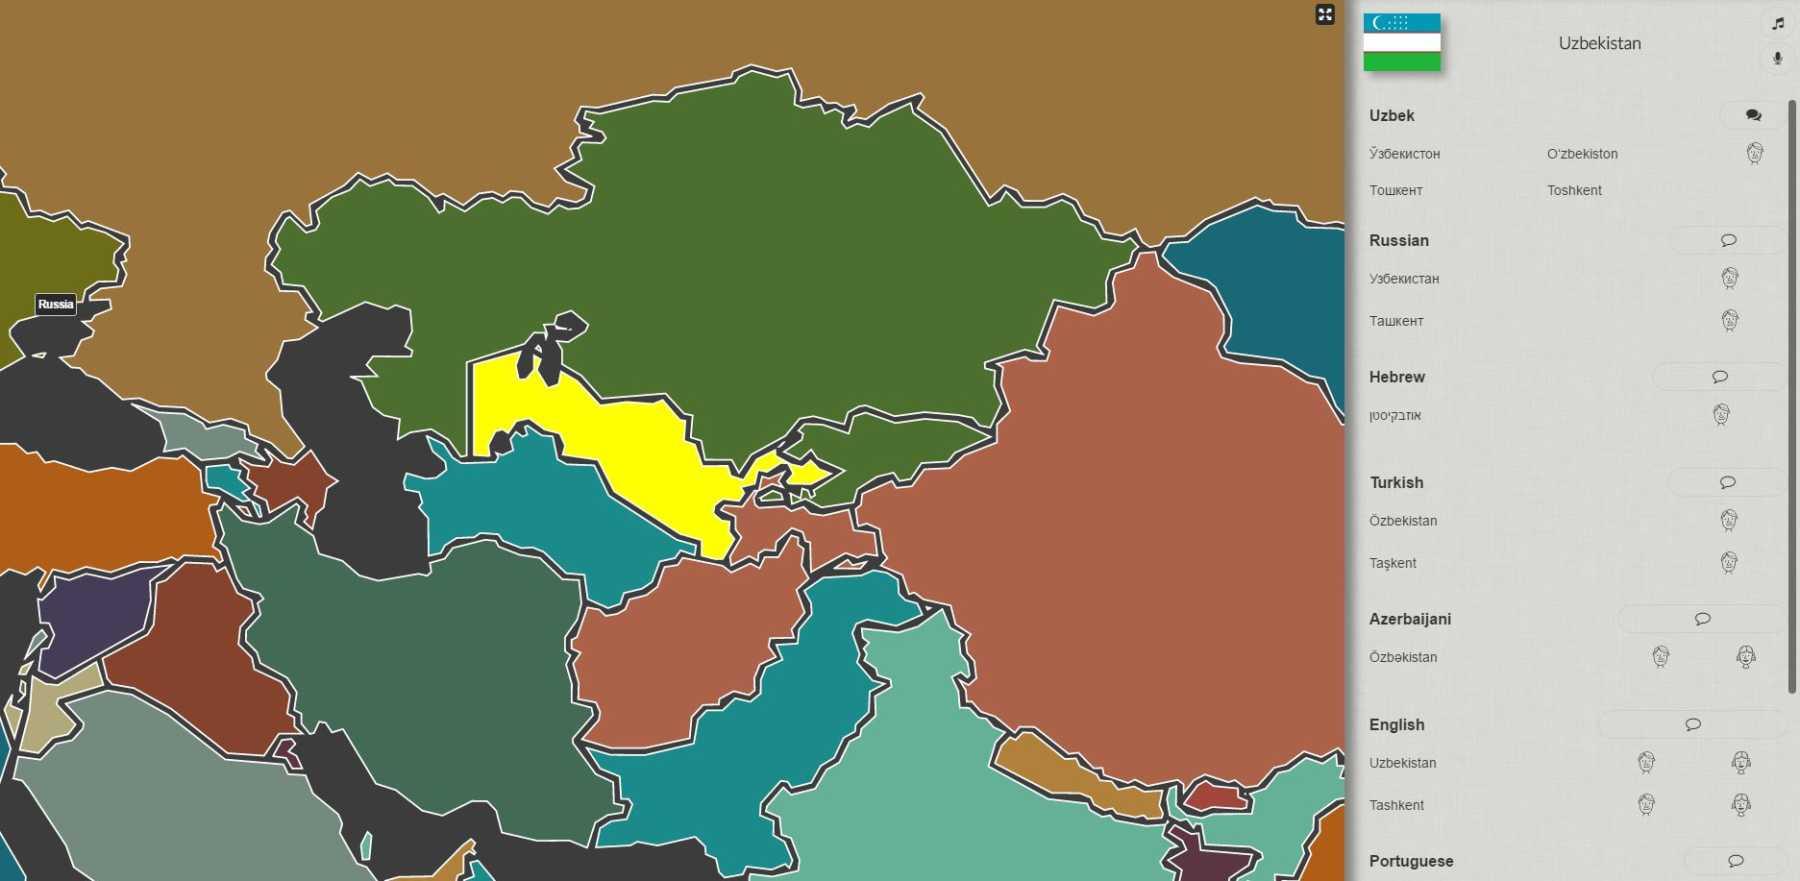 localingual-uzbekistan Un site web pour entendre les langues et accents du monde entier !